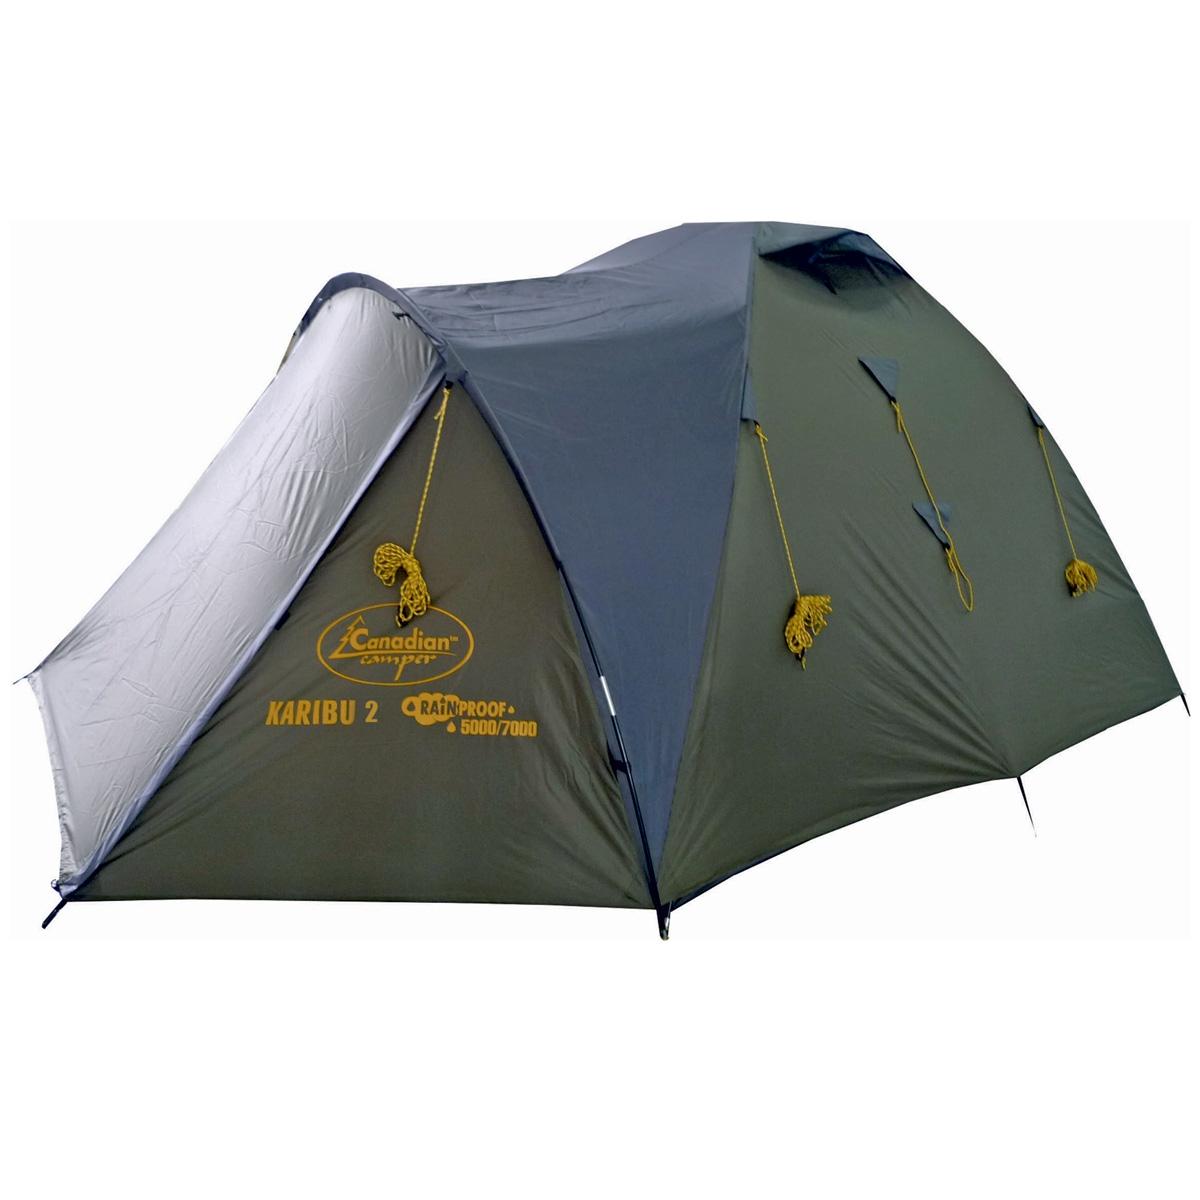 Палатка Canadian Camper KARIBU 2 Forest